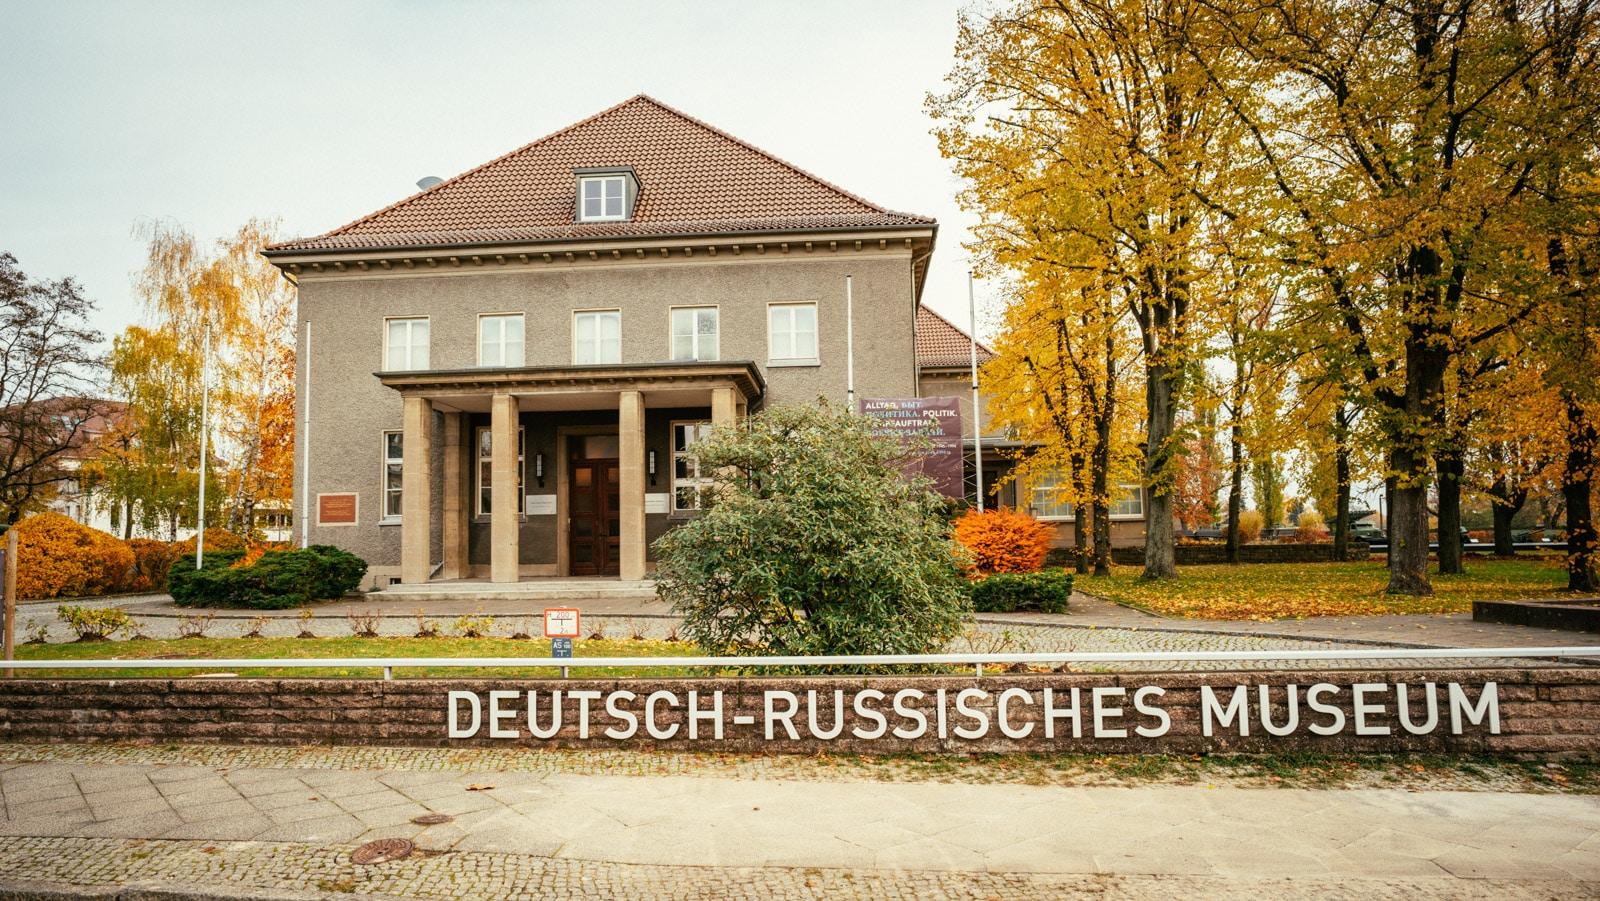 Deutsch Russiches Museum